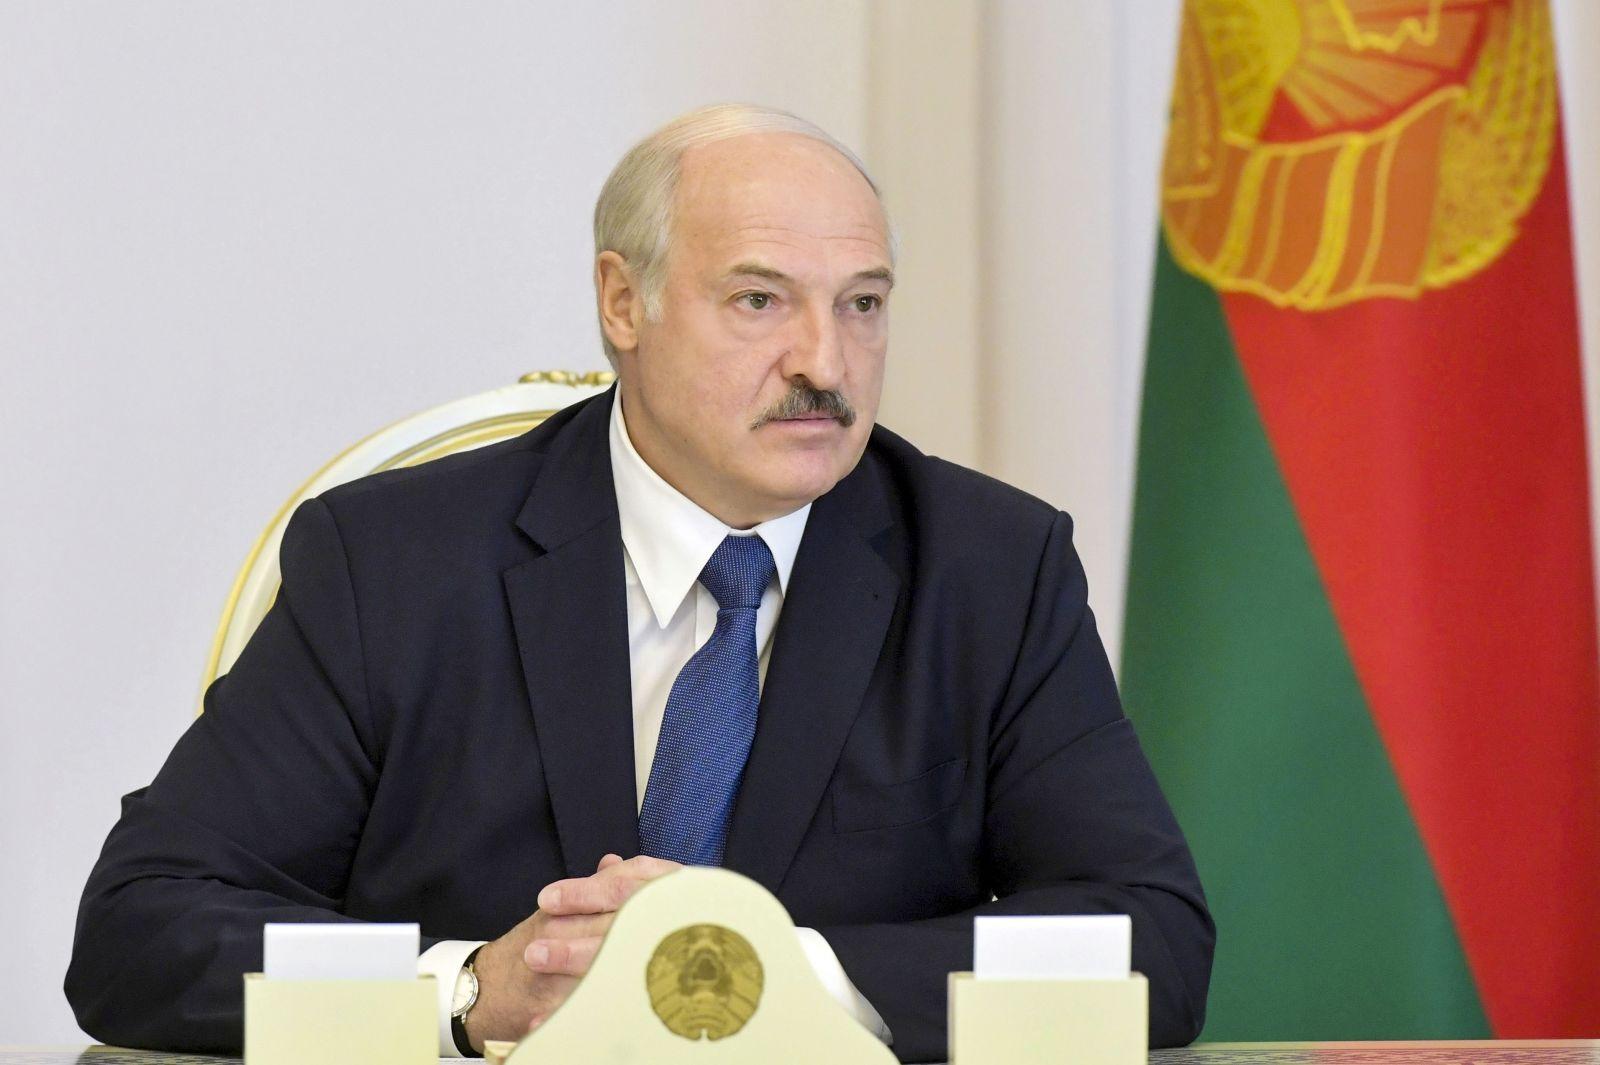 Zúfalý Lukašenko opäť volal Putinovi. Ruský prezident chce, aby sa Nemci ani Francúzi do Bieloruska nemiešali